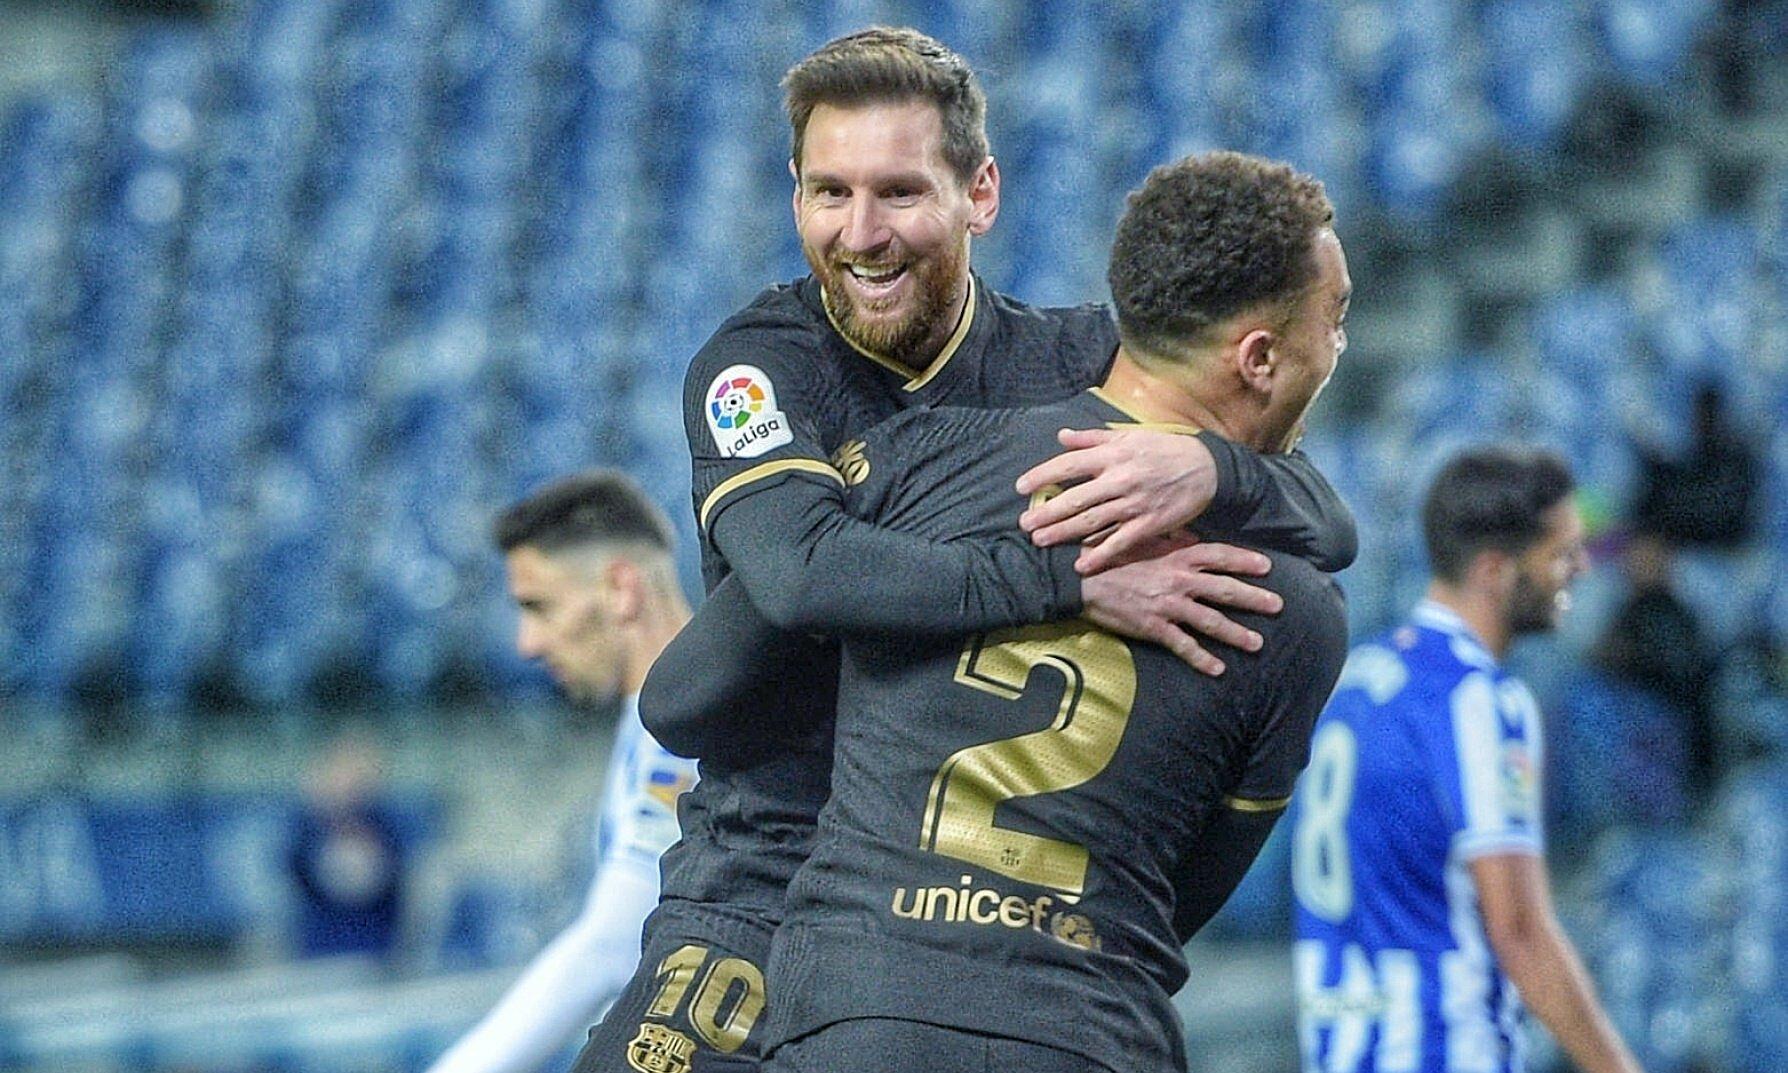 Penampilan terbaik Messi membantu Barca menyublim, tak terkalahkan dalam 18 pertandingan - menang 15, imbang 3 - terdekat di La Liga.  Foto: AFP